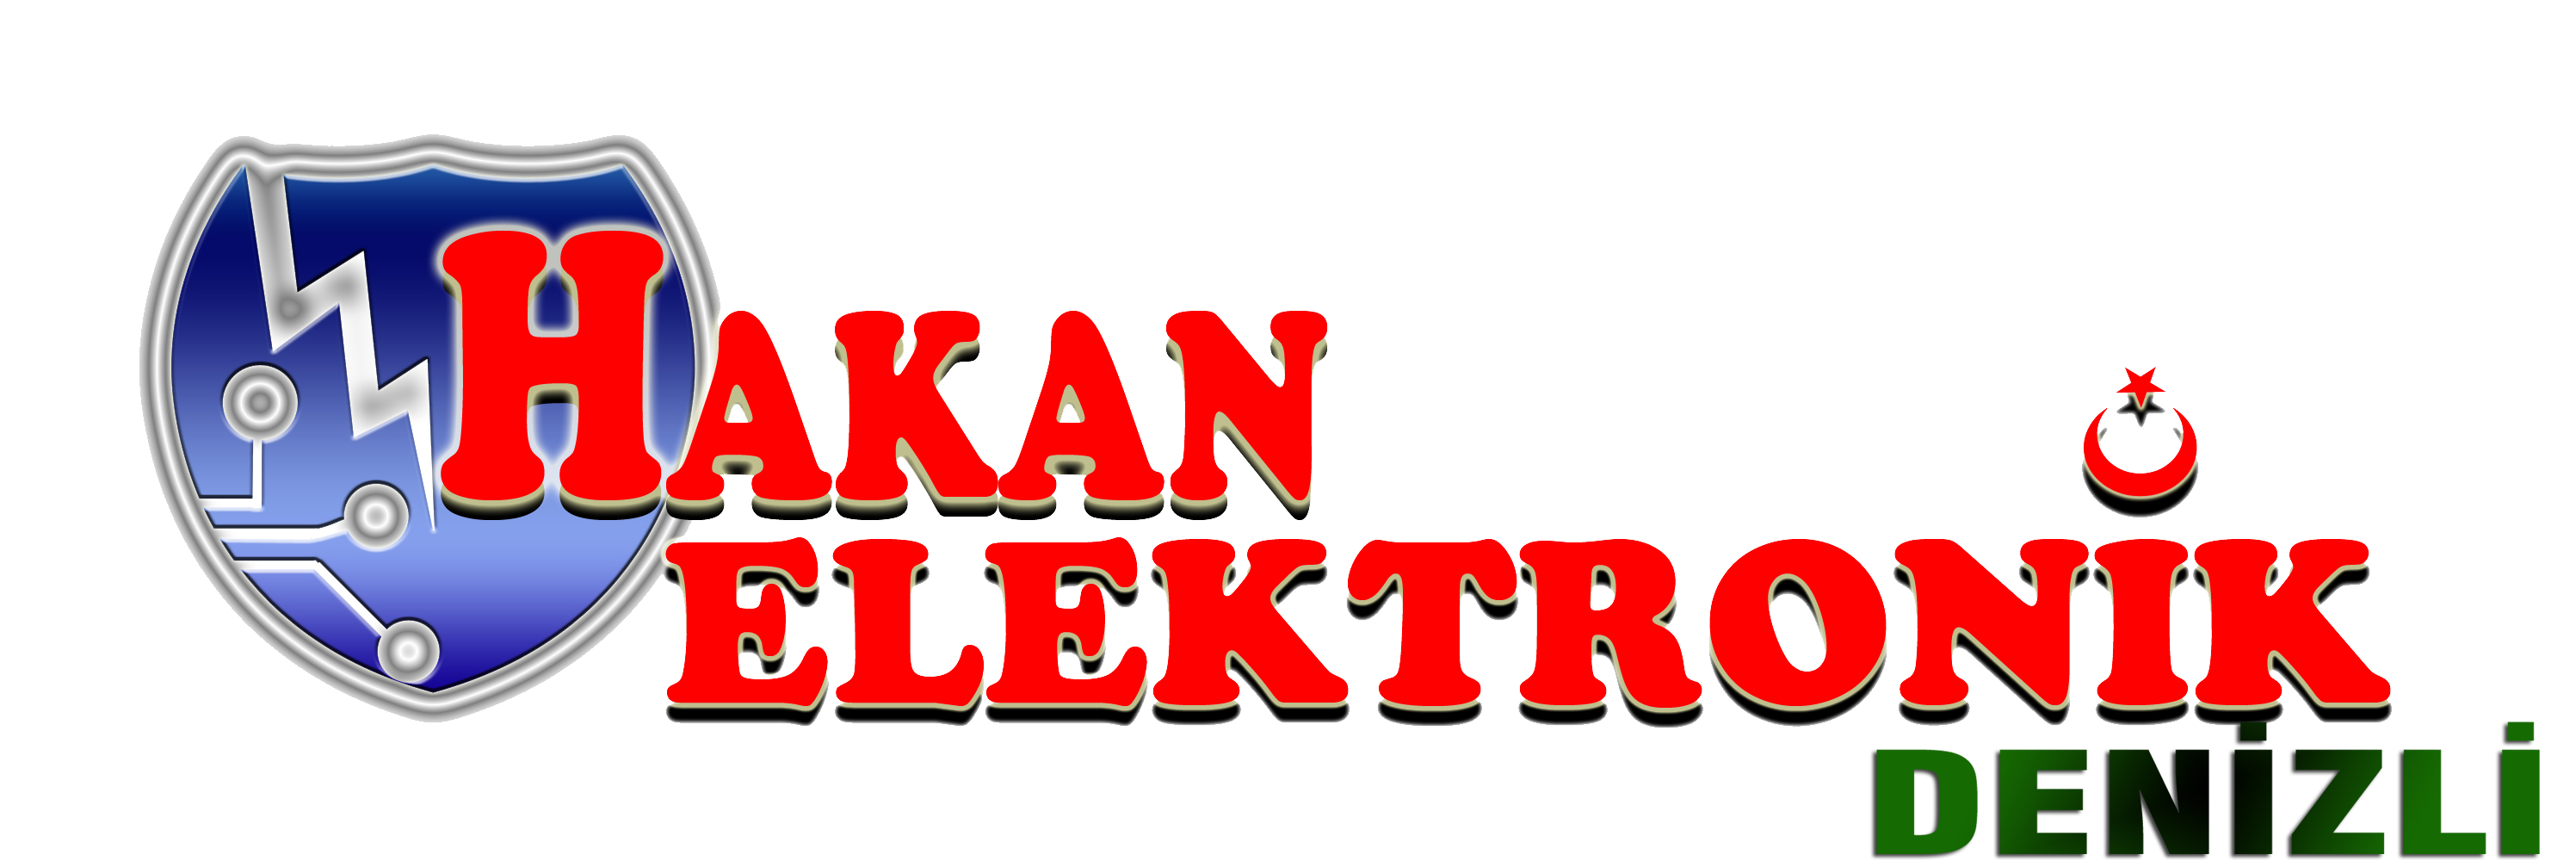 HAKAN ELEKTRONİK